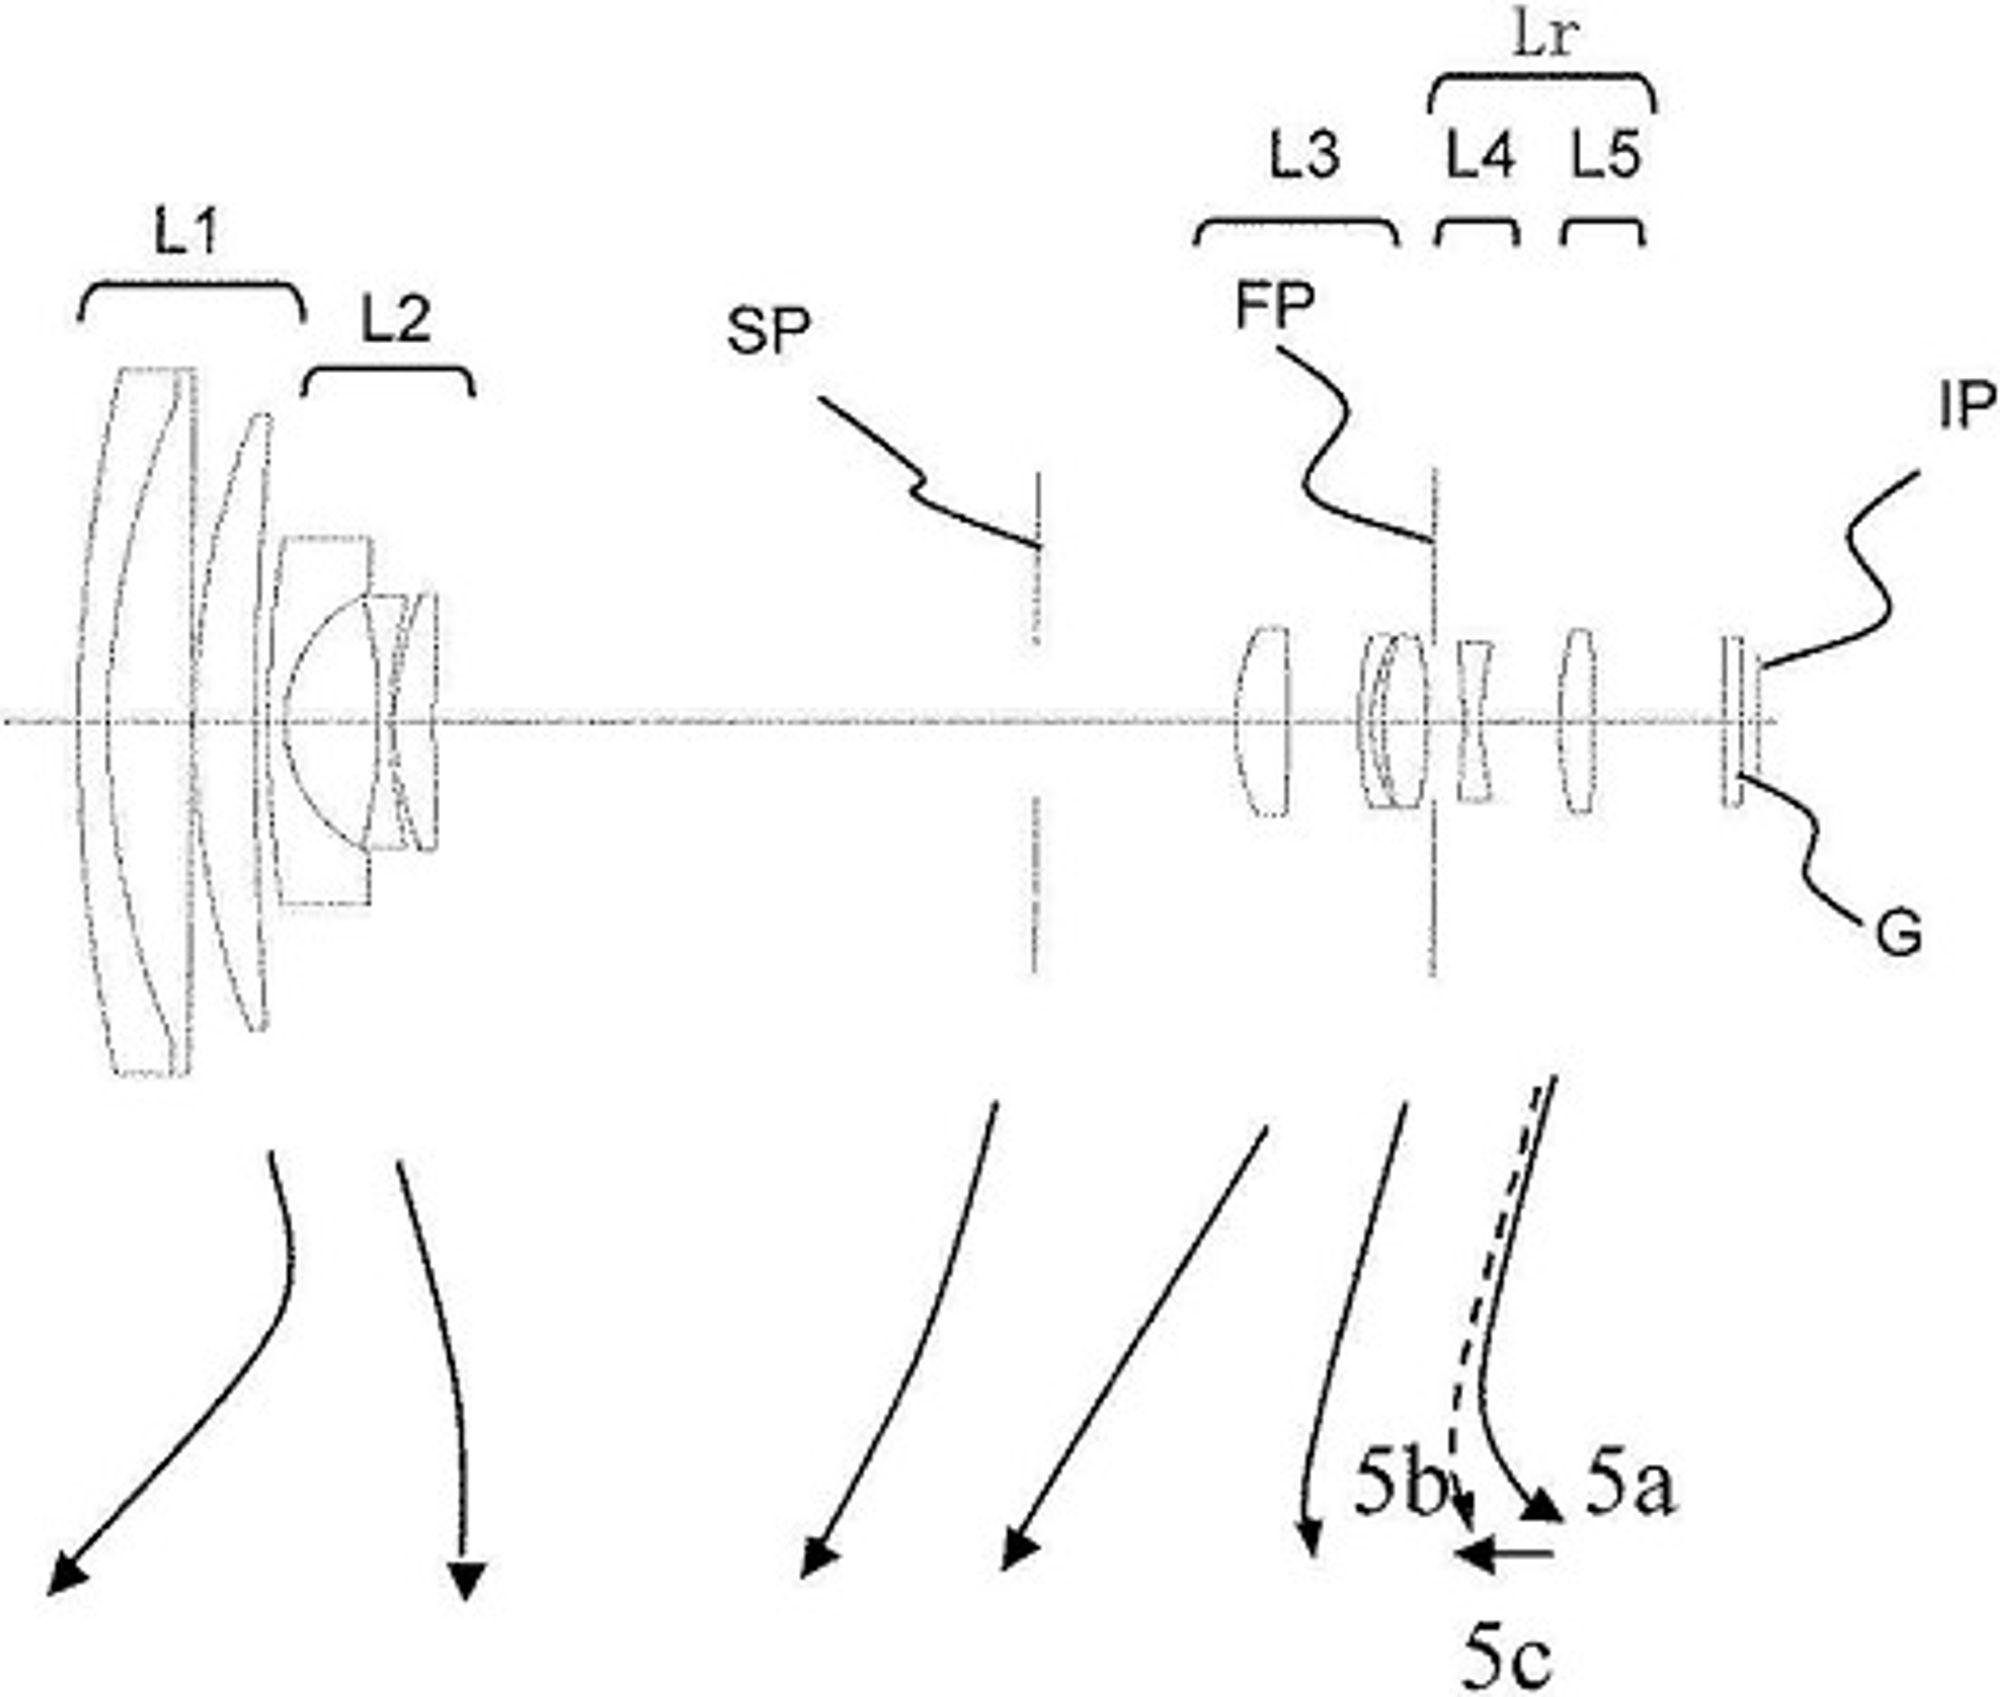 Slik er den optiske kronstruksjonen på det nye objektivet.